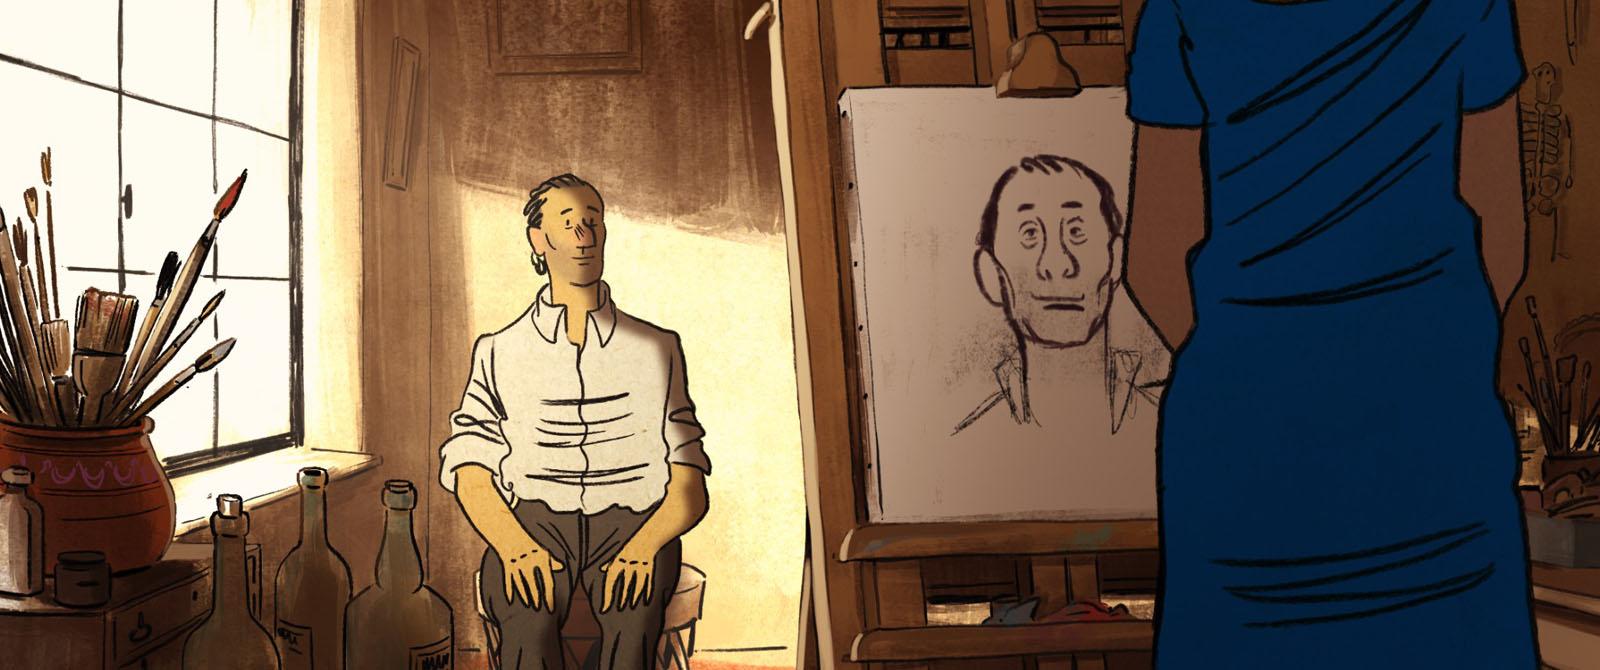 Josep, película de animación dirigida por Aurel